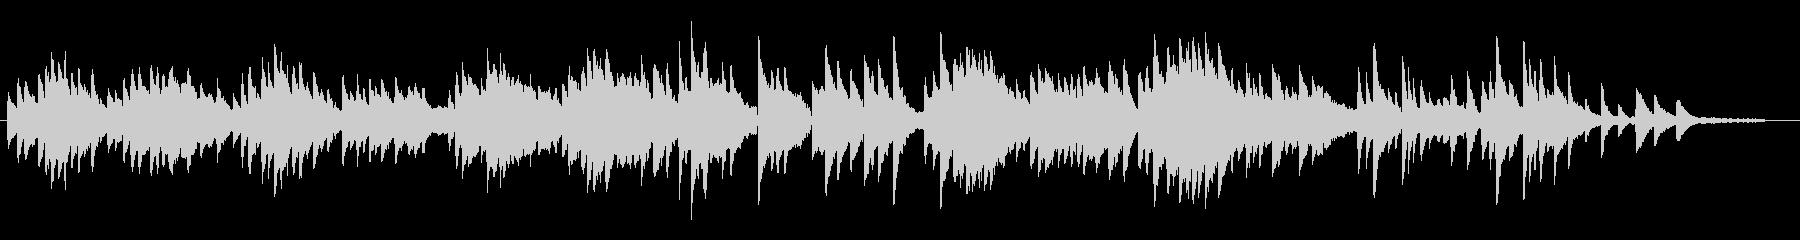 ほのぼのするピアノソロの未再生の波形